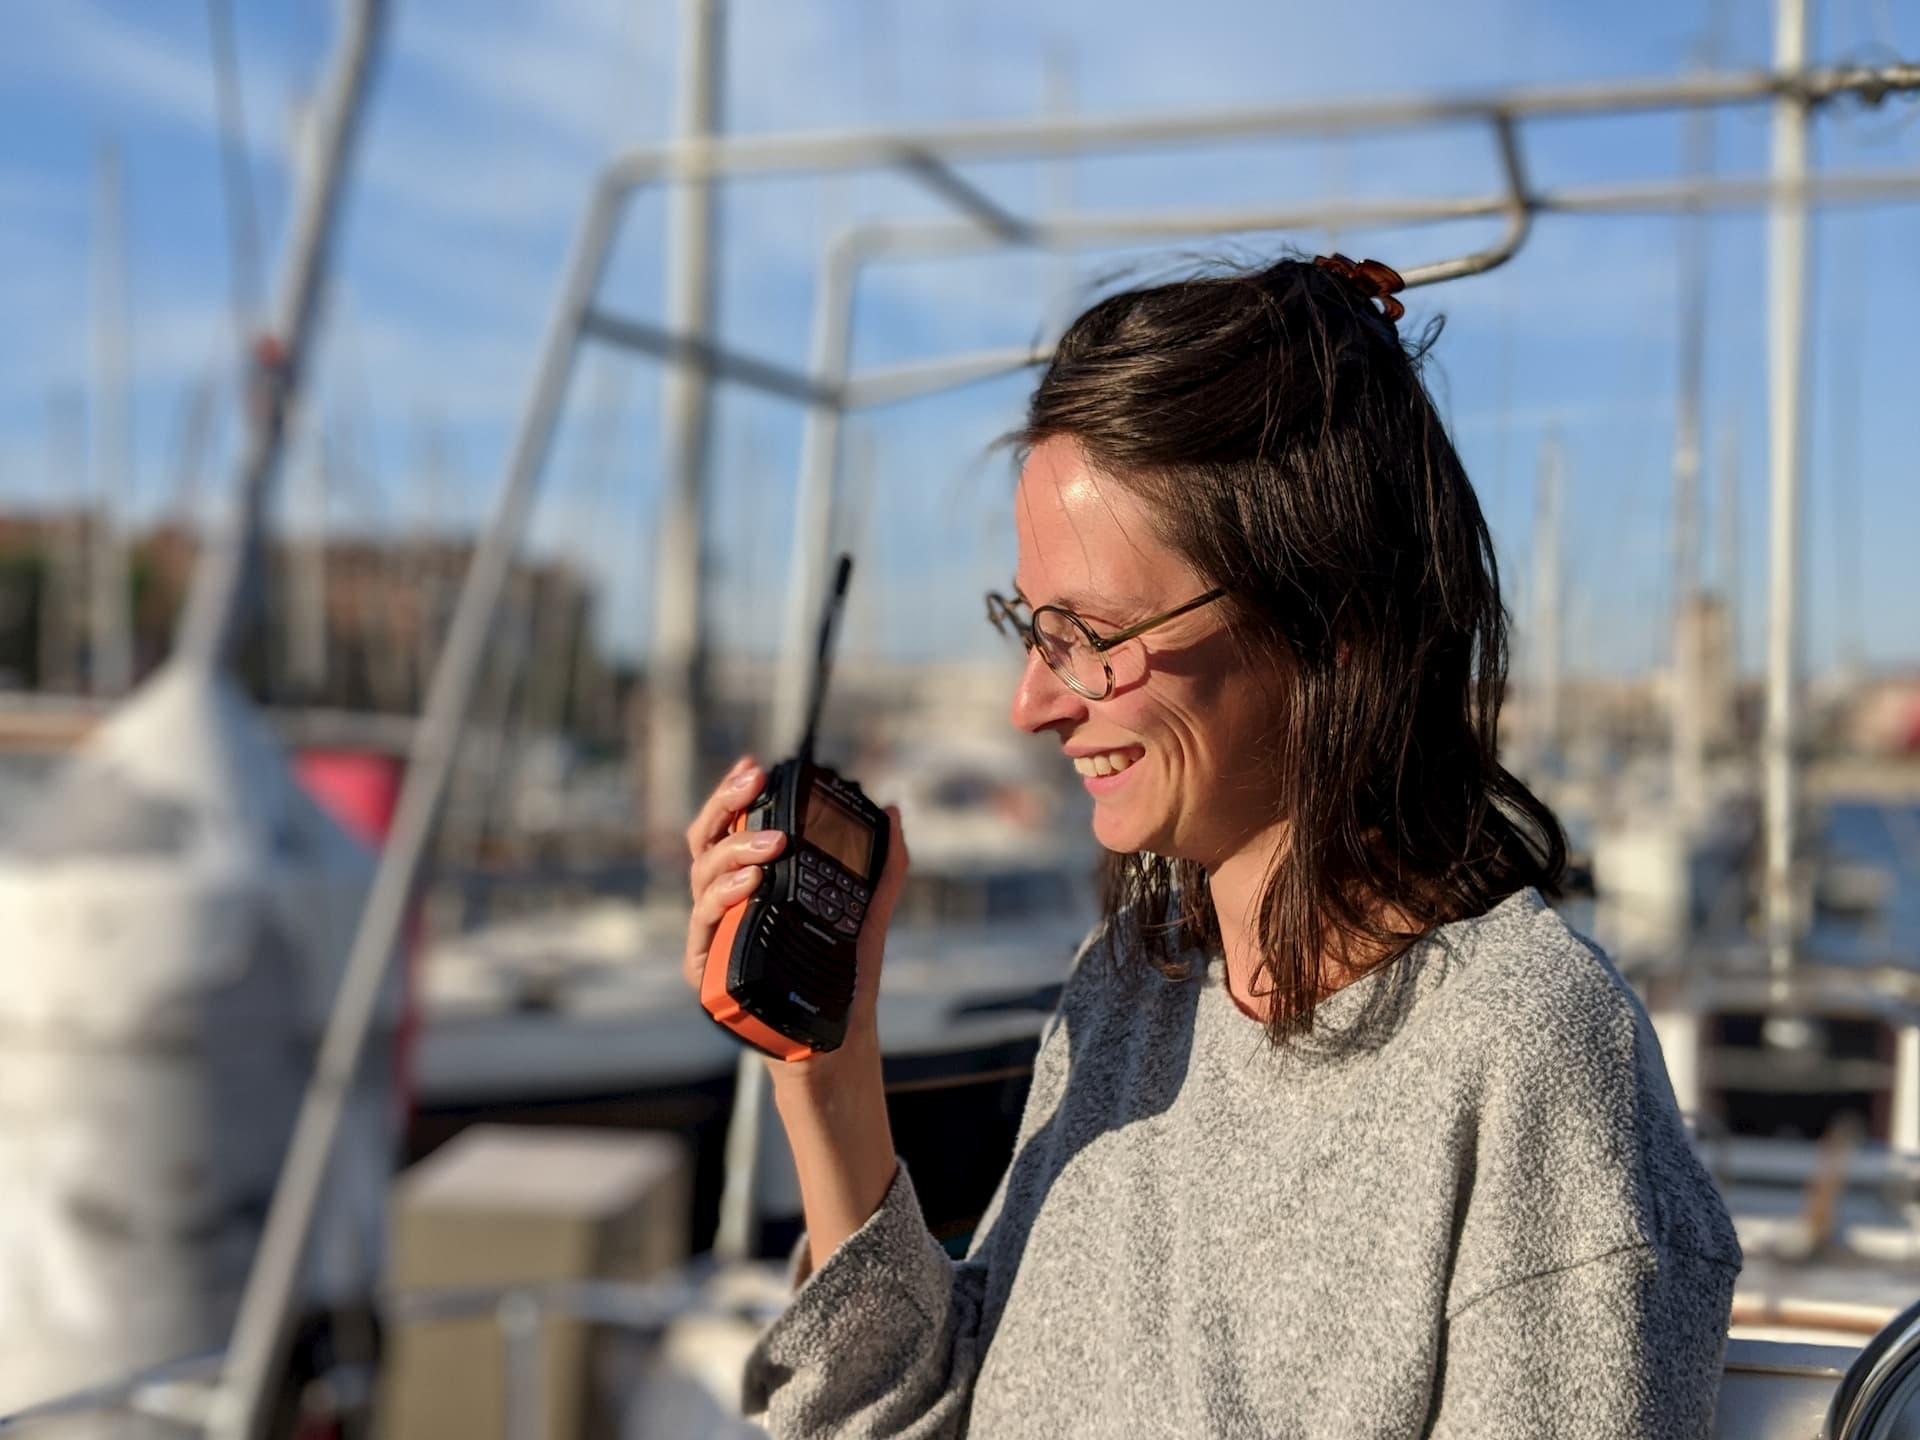 Comparatif des meilleures radios VHF portables pour la navigation